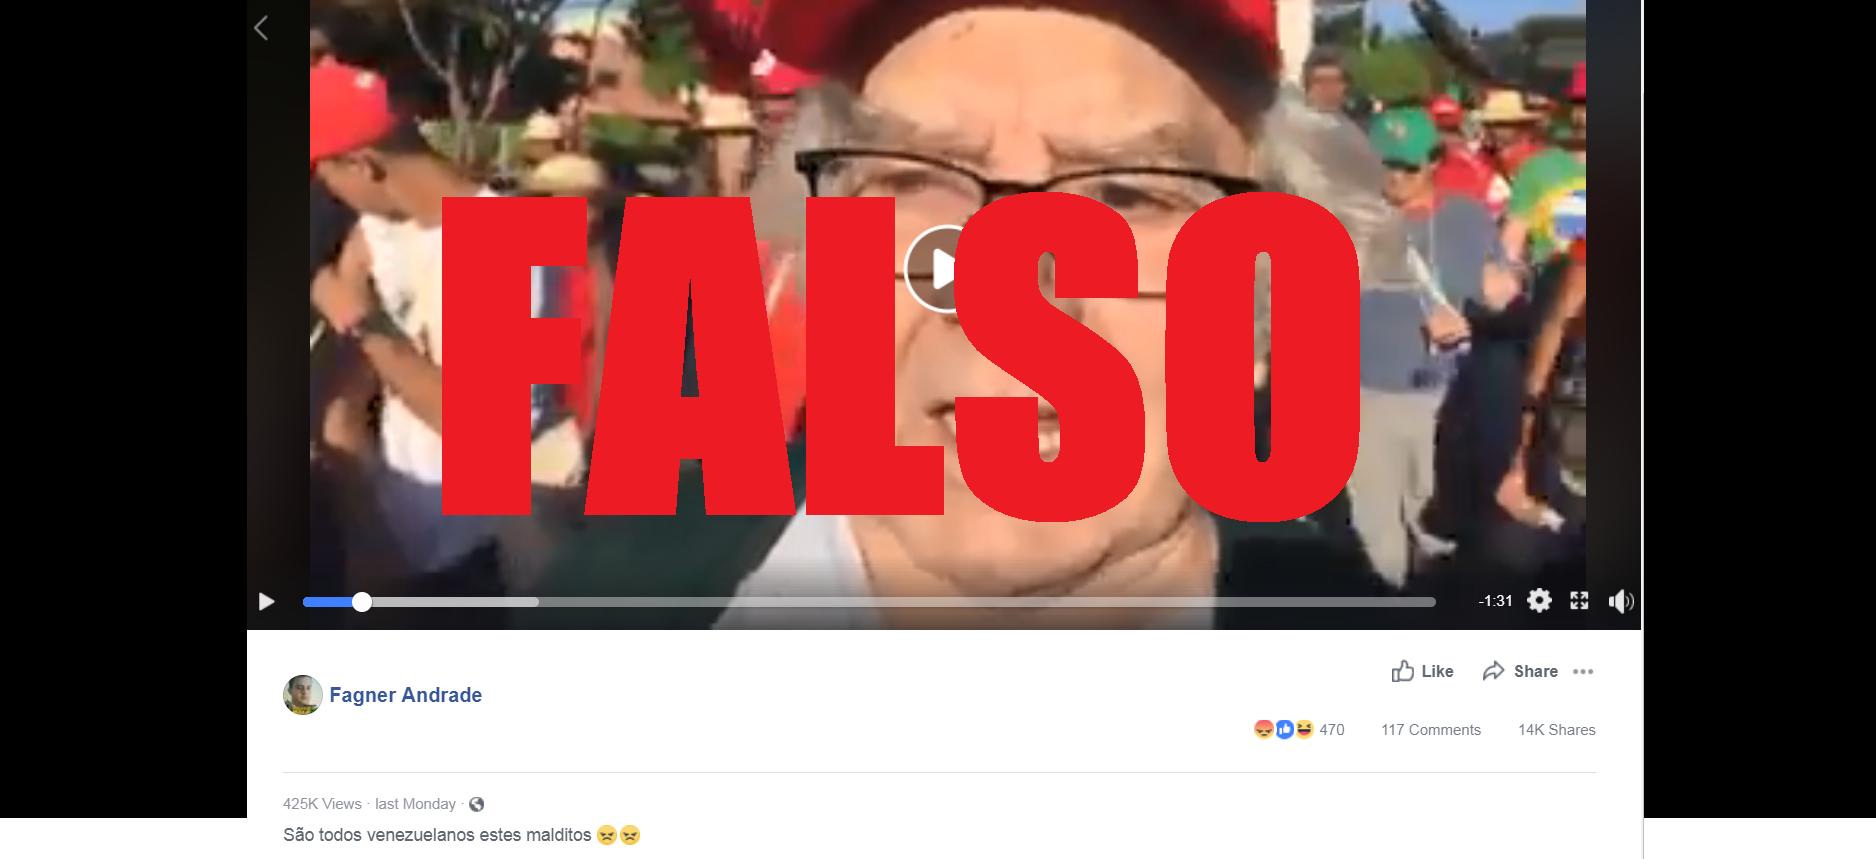 Captura de tela de uma publicação no Facebook disseminando um vídeo com uma alegação falsa, 20 de agosto de 2018.